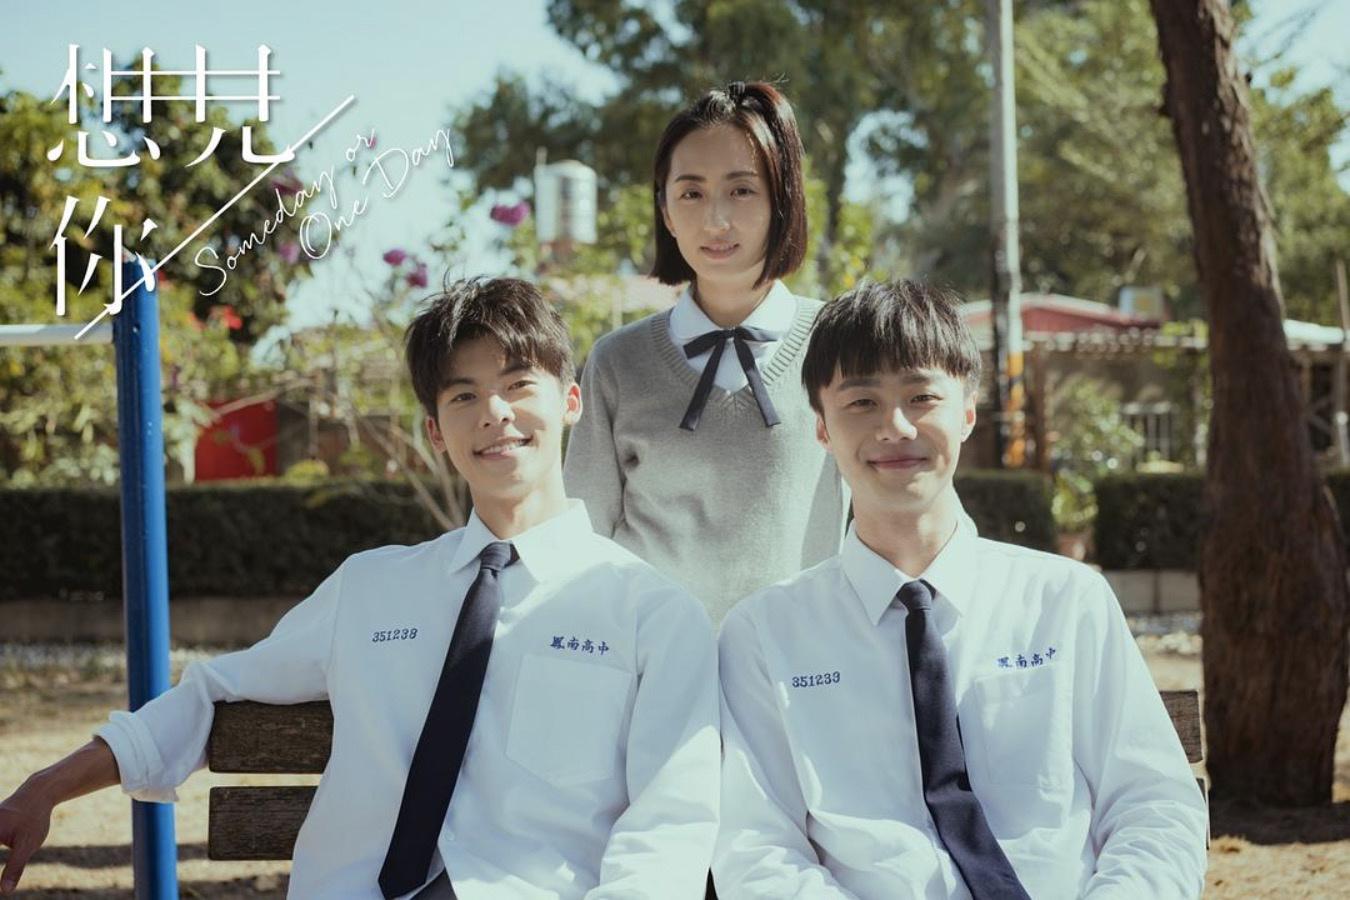 《想见你》7.16起登岸日本 改名《超过时空的爱》